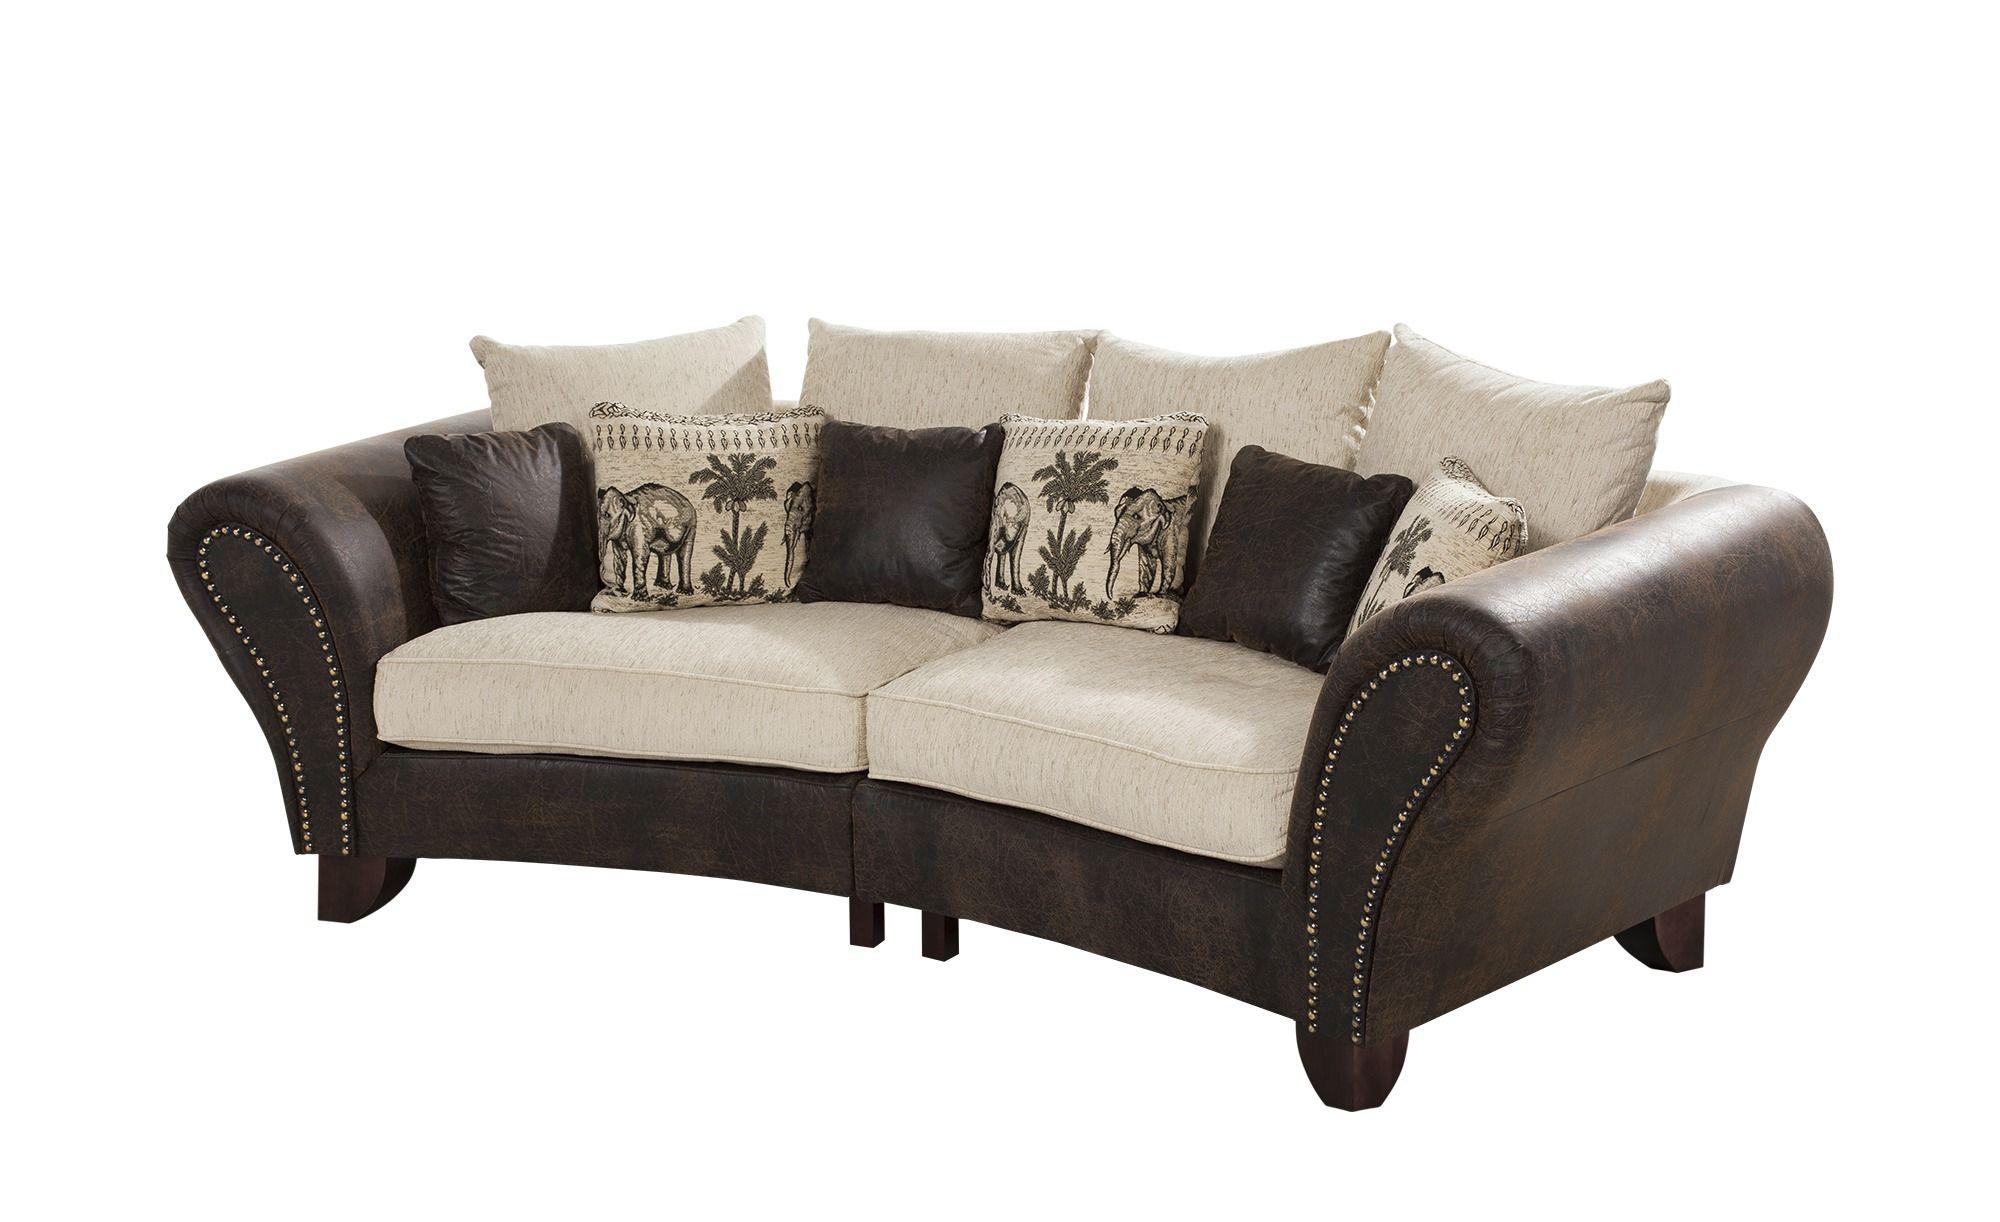 Full Size of Halbrundes Big Sofa Samt Ebay Gebraucht Schwarz Im Klassischen Stil Ikea Halbrunde Couch Klein Rot Smart Braun Beige Mikrofaser Webstoff Nadja Federkern Sofa Halbrundes Sofa